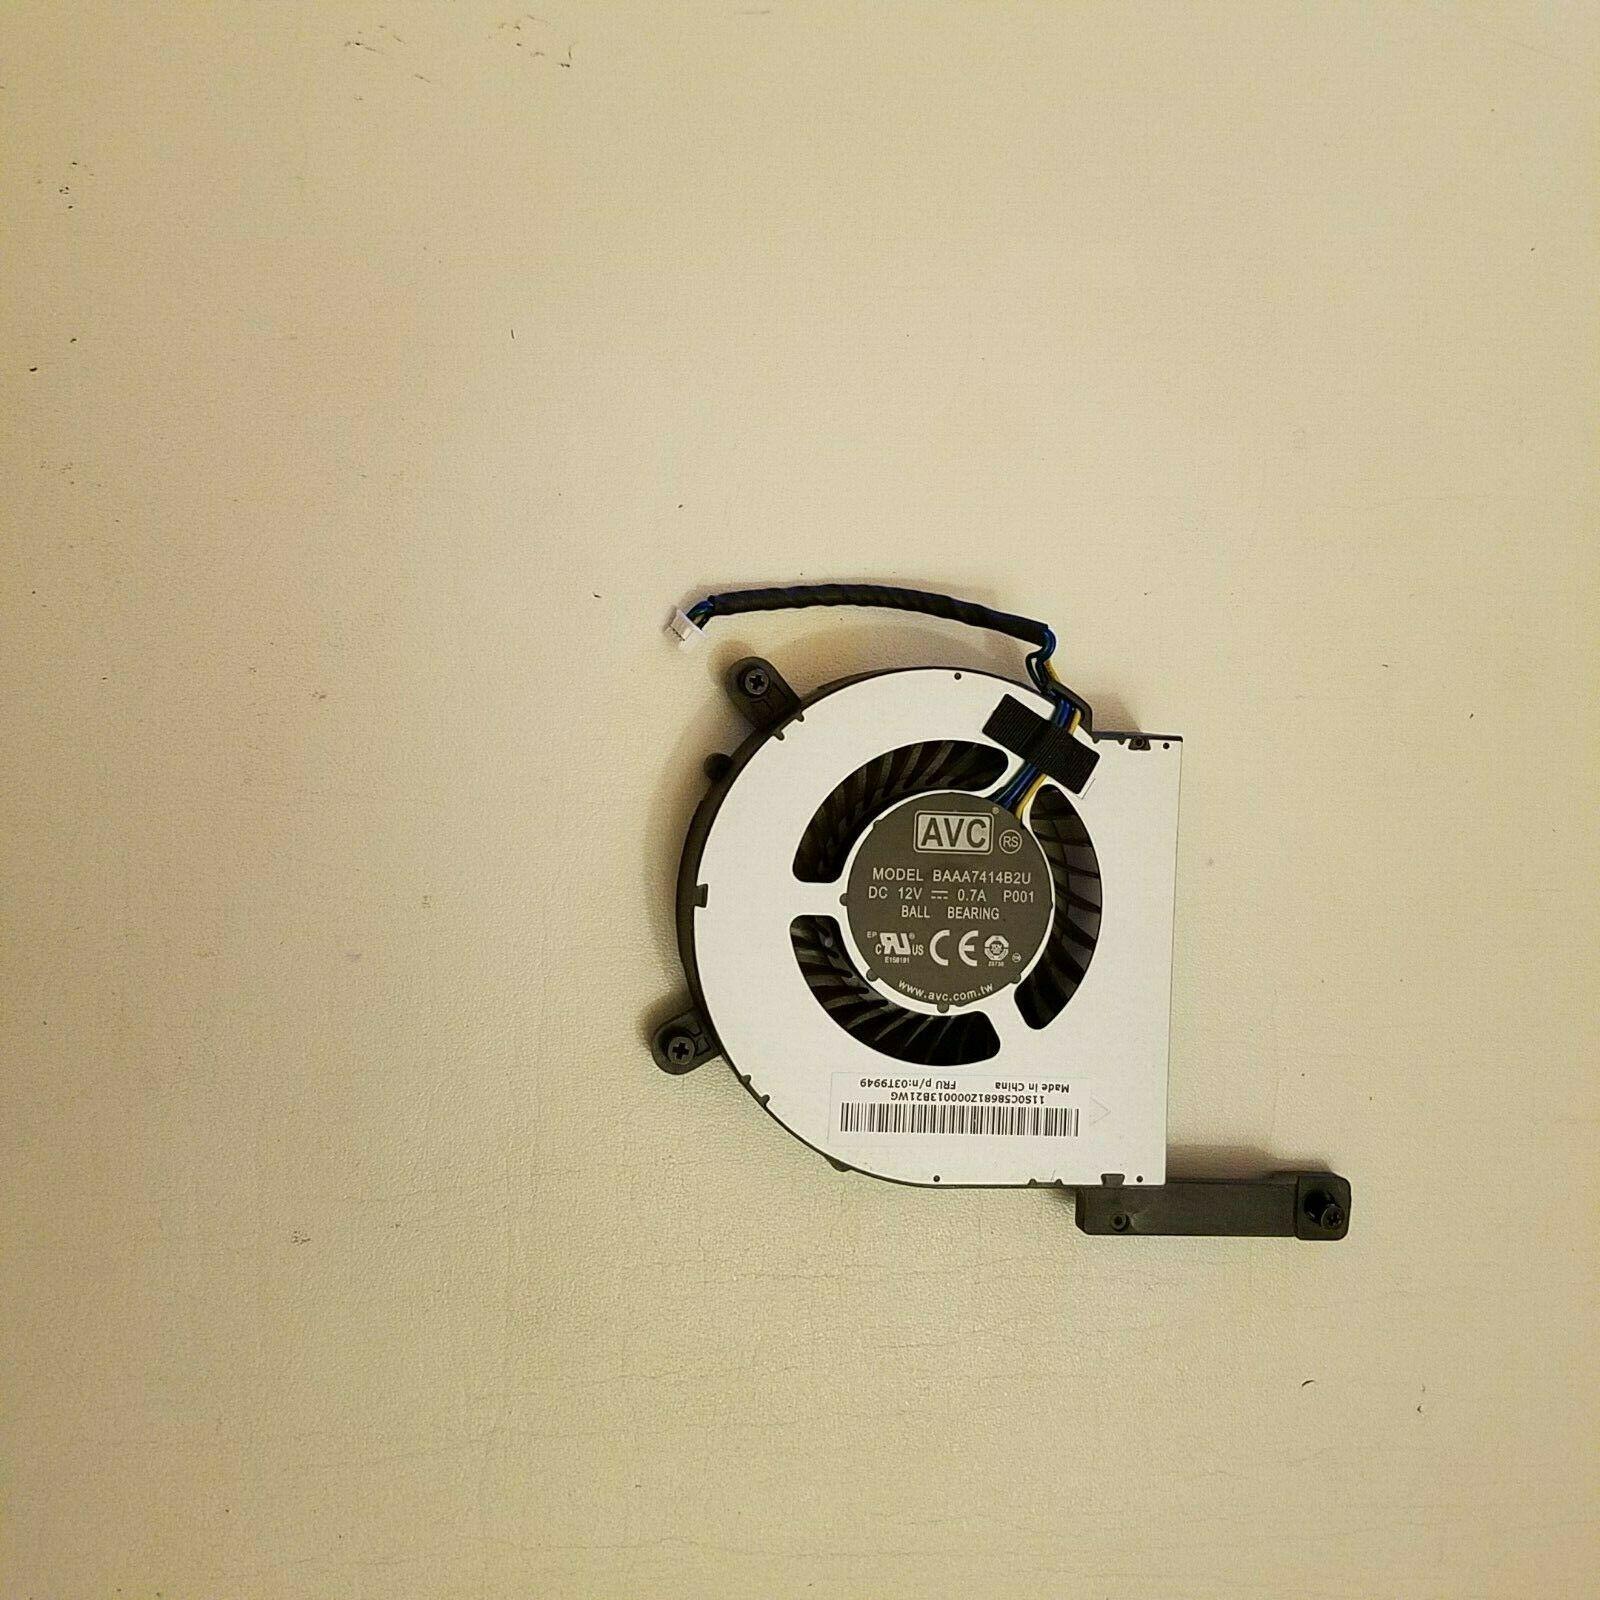 Охлаждающий вентилятор для процессора Lenovo thinkcenter M93 M73 FRU 03T9949 BFB0712HB BAAA7414B2U M83 M93P M93 PVB070E12H-P01 m93p m900